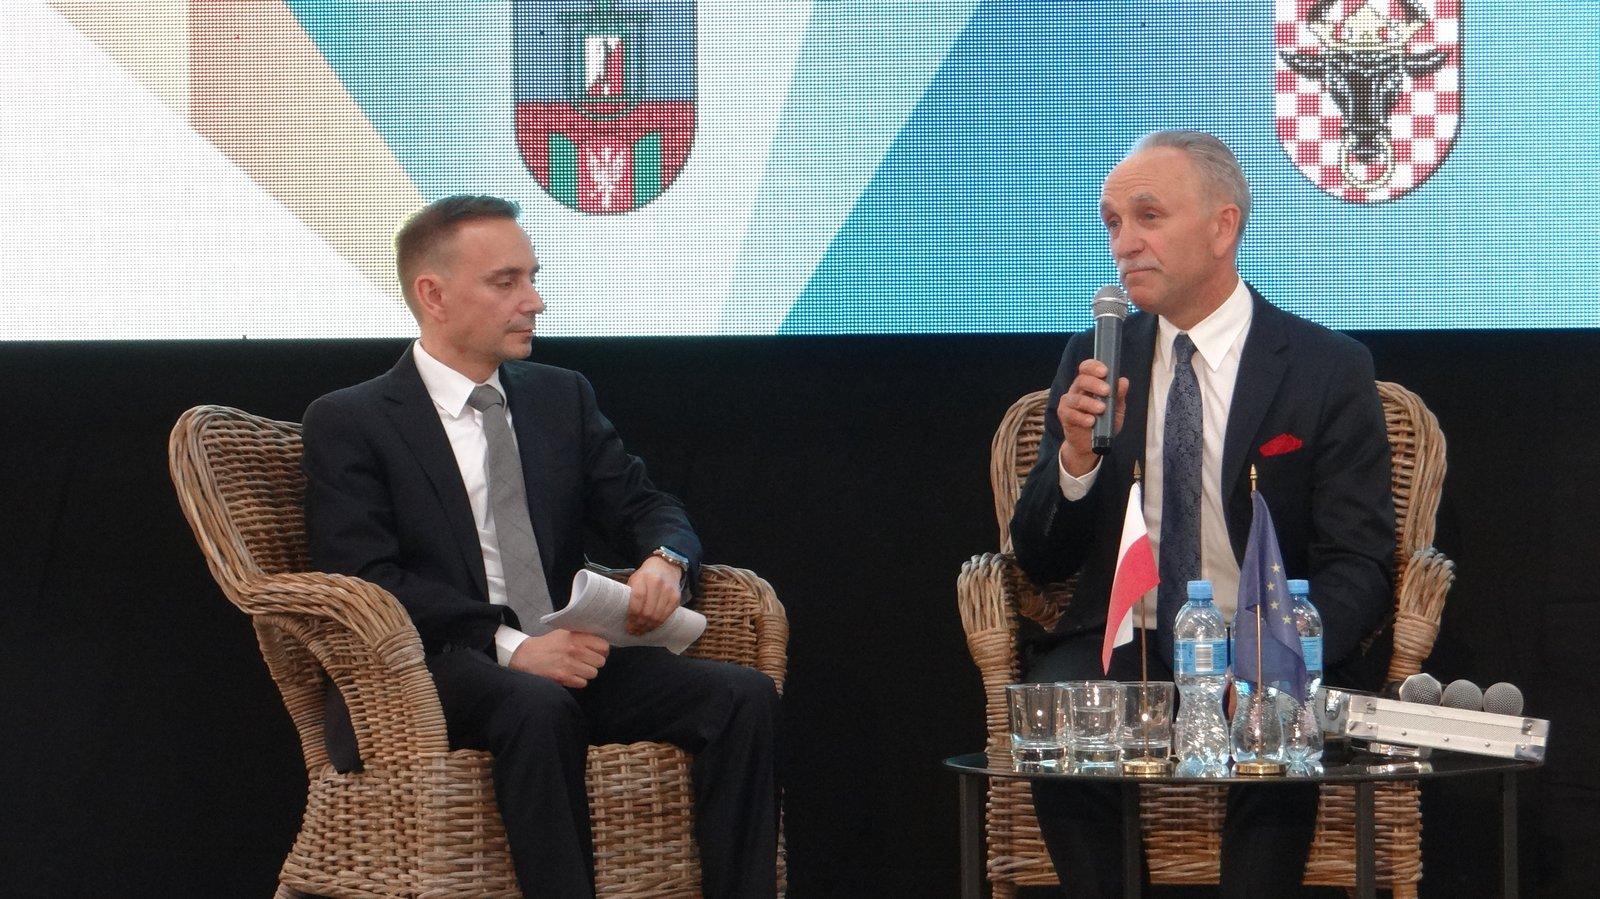 dsc09491 - Wielkopolska zaradność i pracowitość doceniona na Forum Wielkopolskiej Wsi Europejskiej